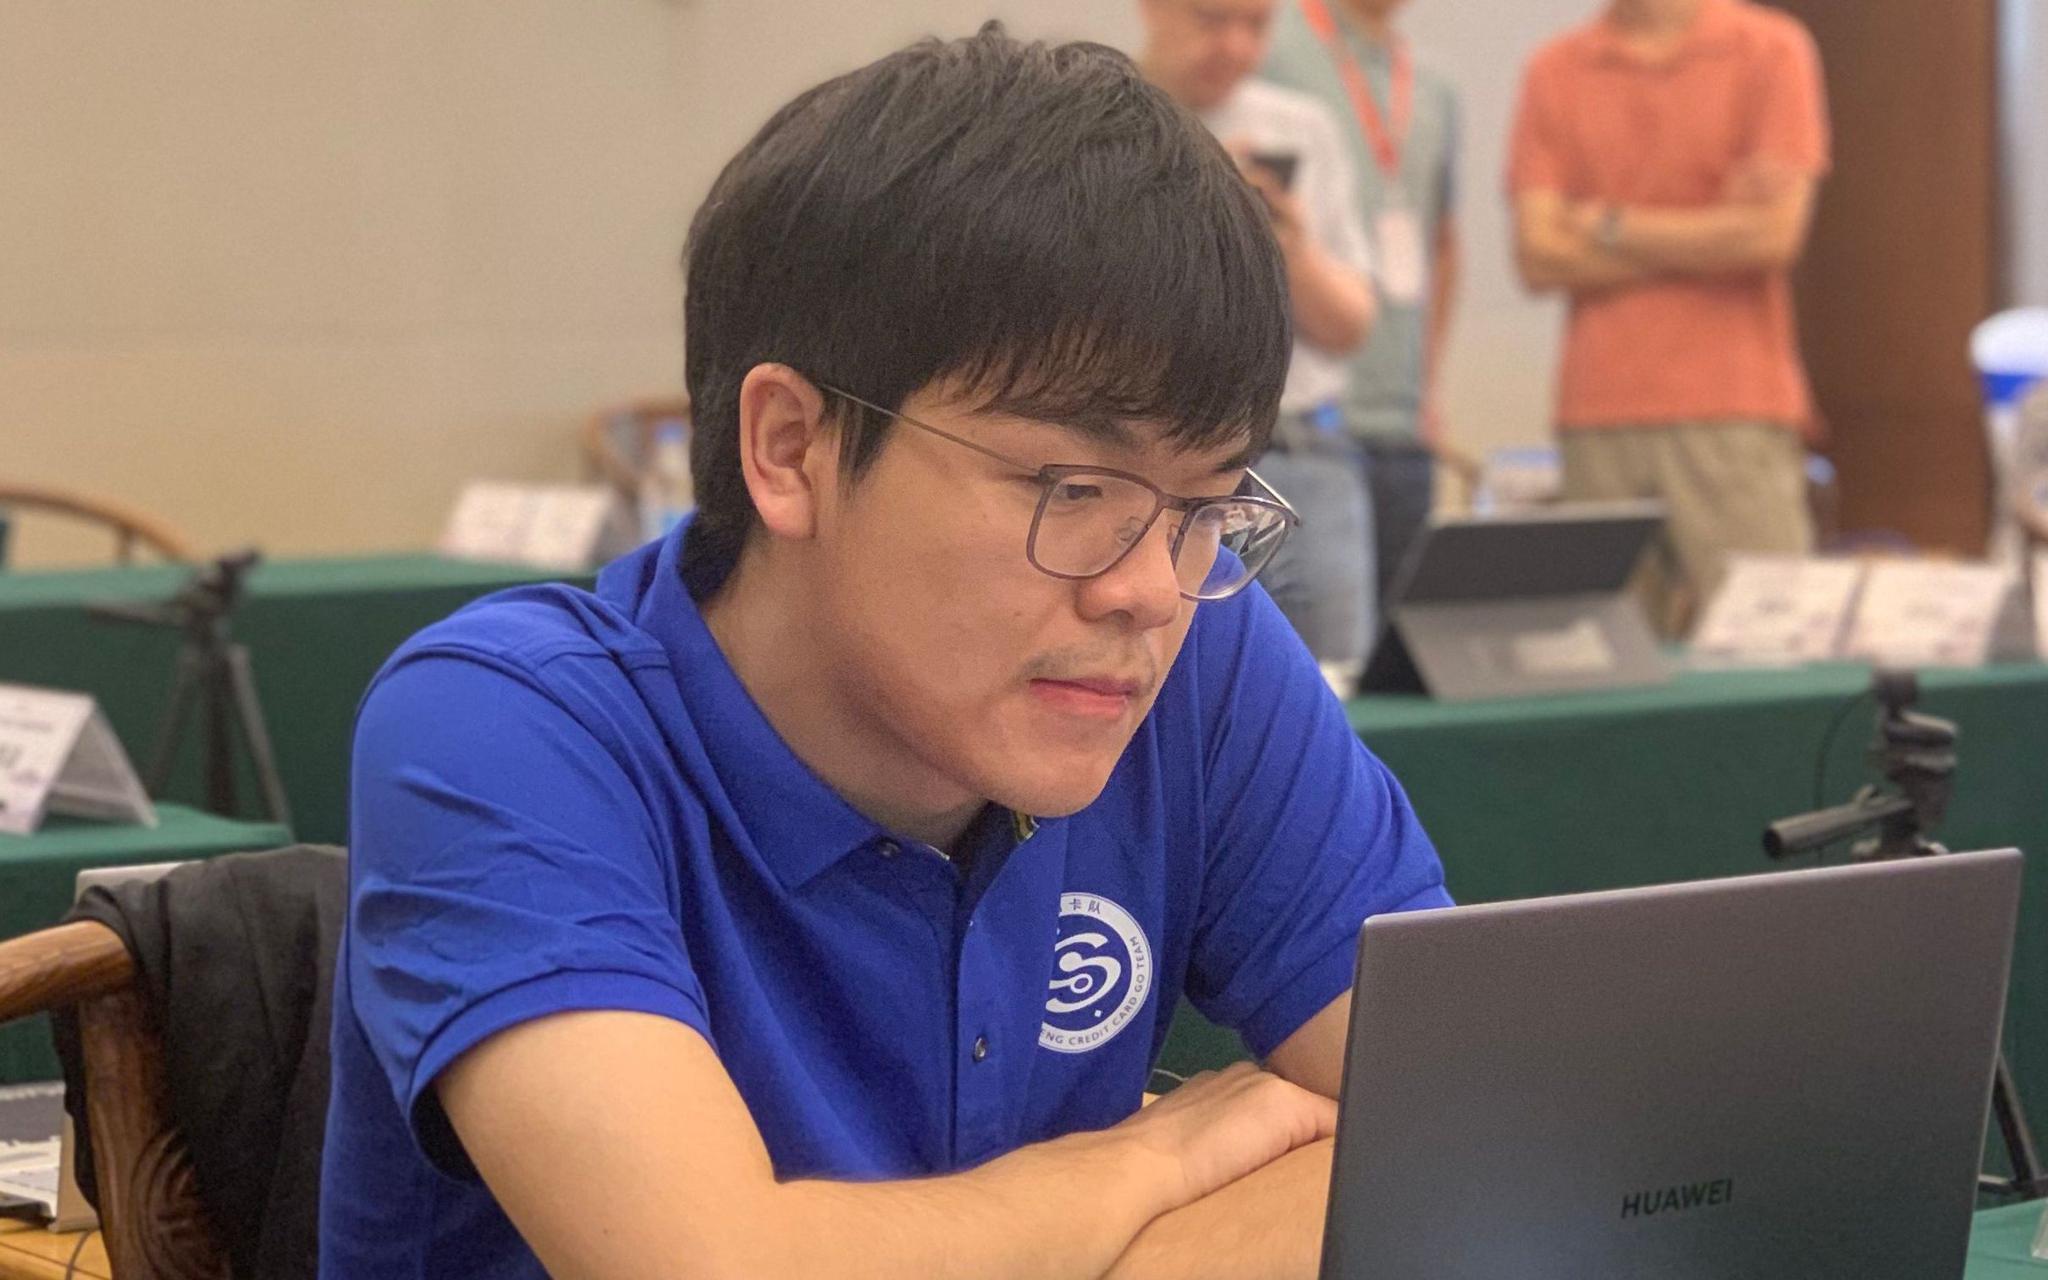 中韩围棋第一人硬碰硬,柯洁申真谞争夺三星杯冠军图片